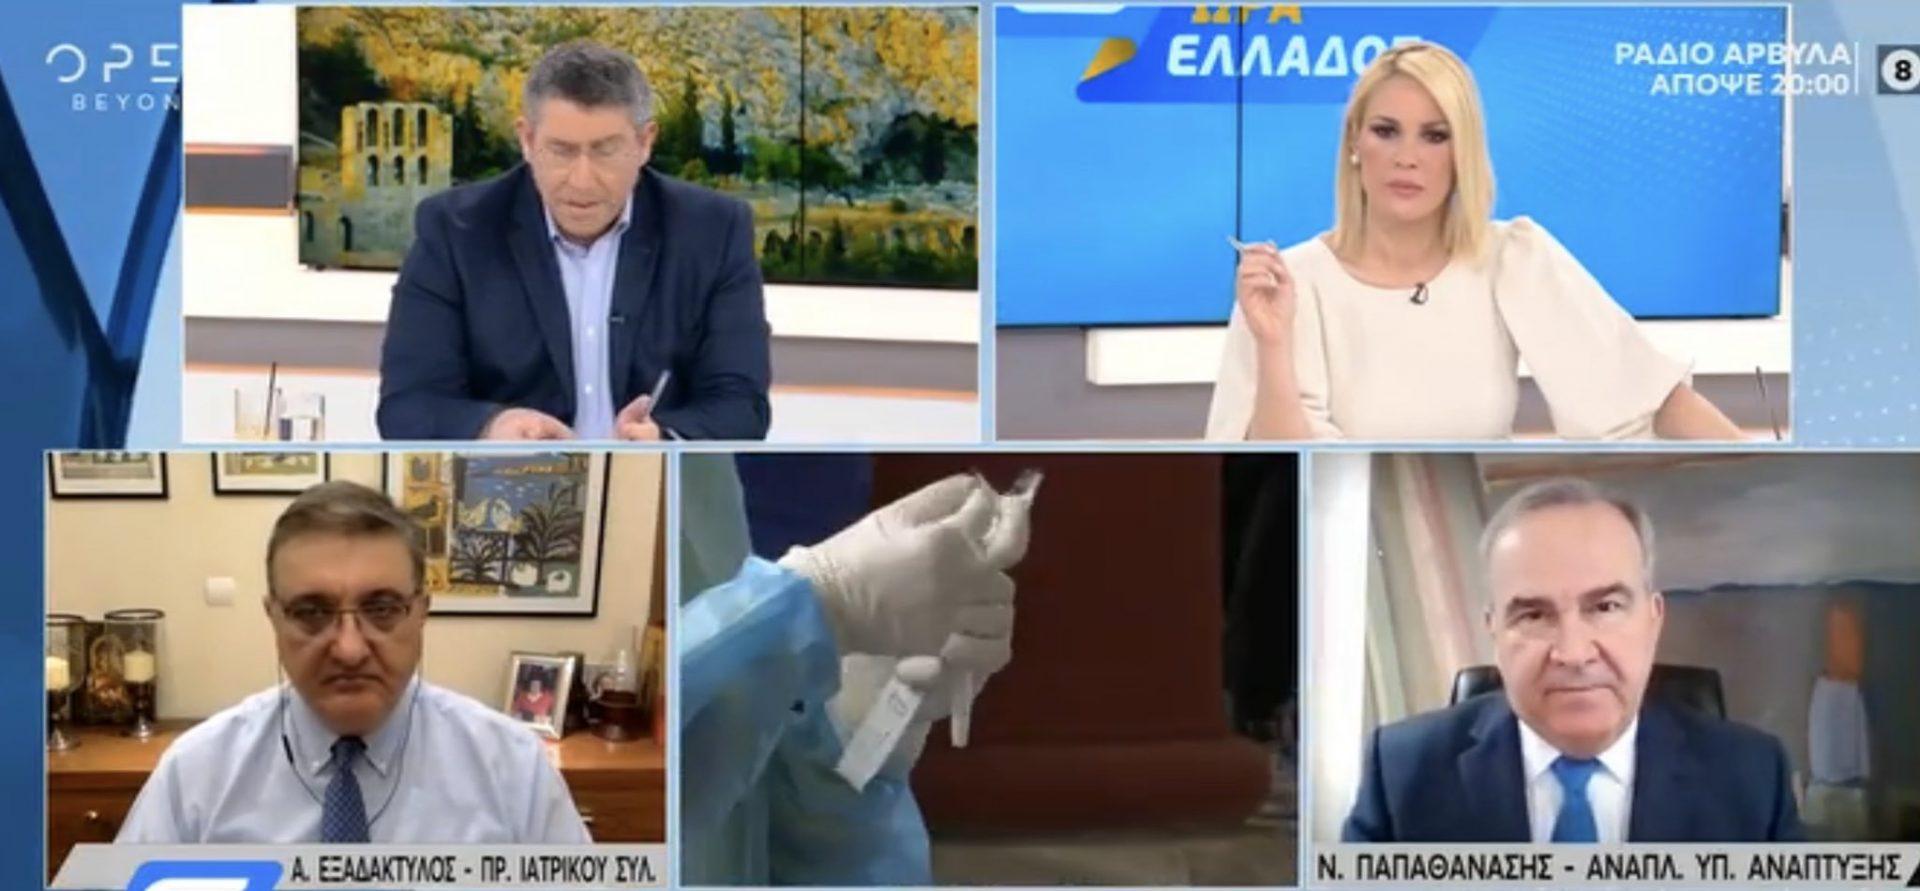 Χαστούκι από Παπαθαναση στον Εγώ είμαι η κυβέρνηση, Γεωργιάδη – Διέψευσε δημόσια τους ισχυρισμούς του υπουργού